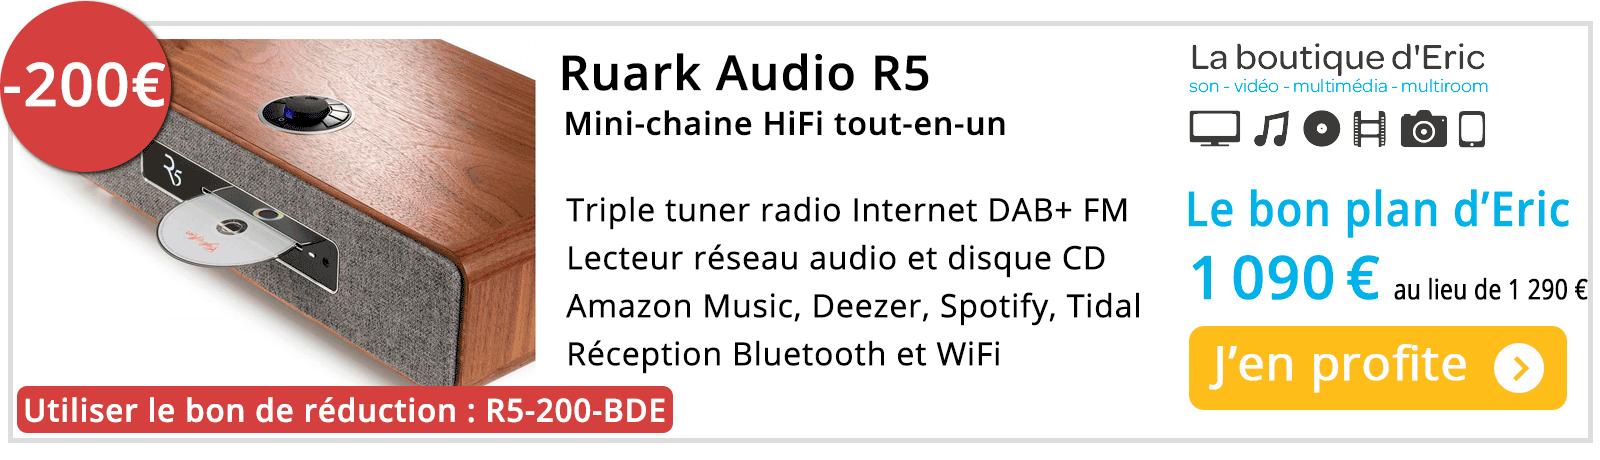 Ruark Audio R5 Meilleur prix avec une réduction de 50 € sur La boutique d'Eric